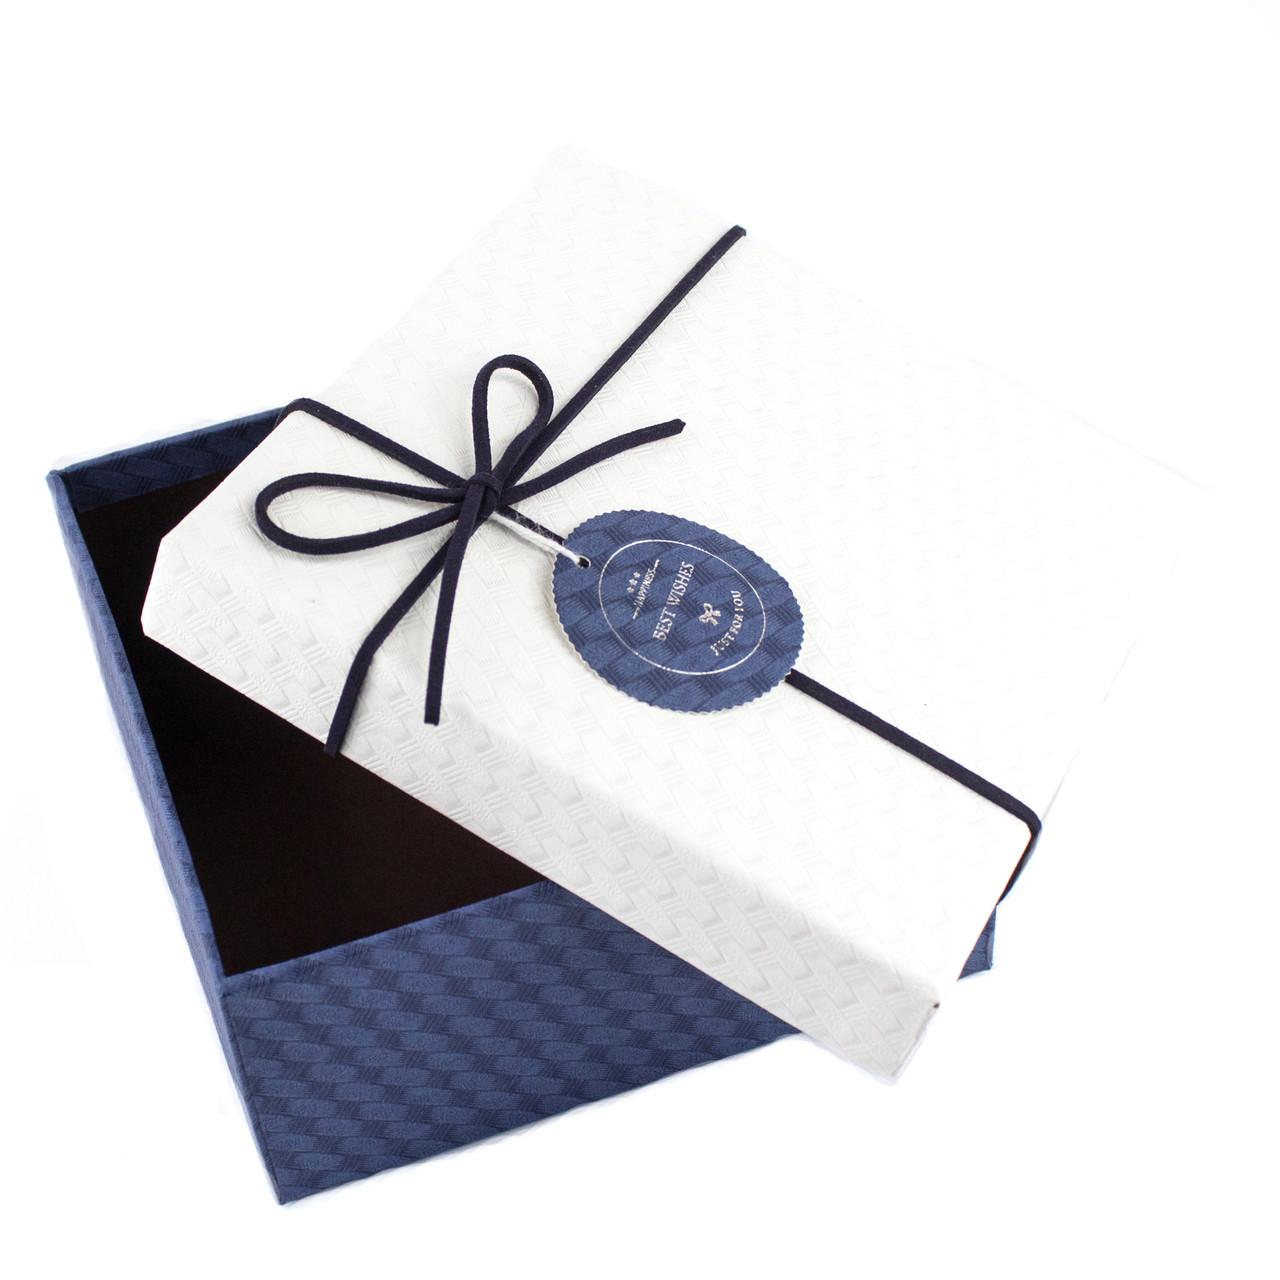 Подарочная коробка квадратная синяя с белой крышкой 17x17x8 см